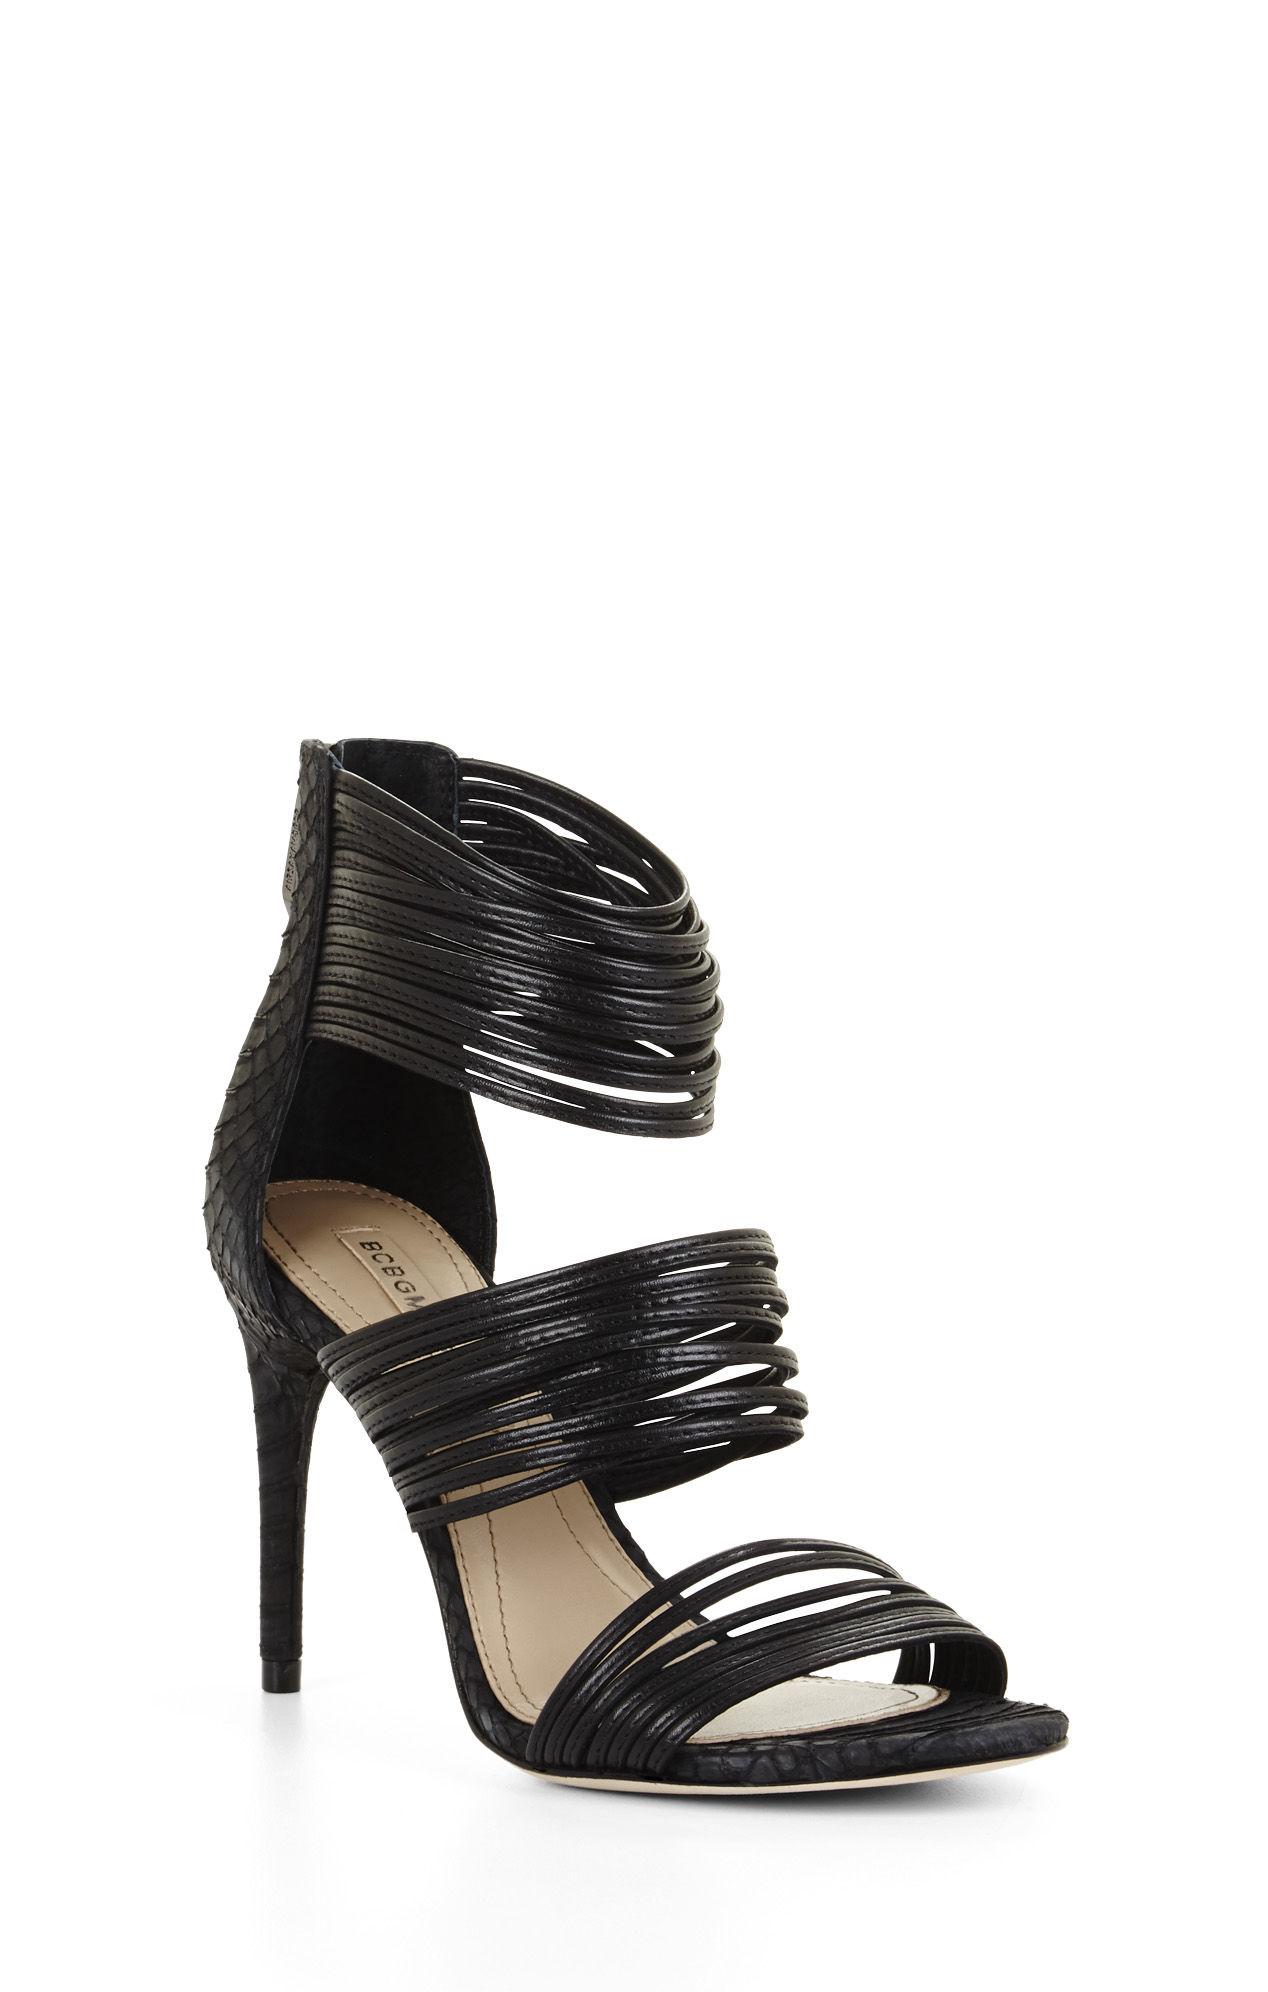 Black High Heel Strappy Sandals